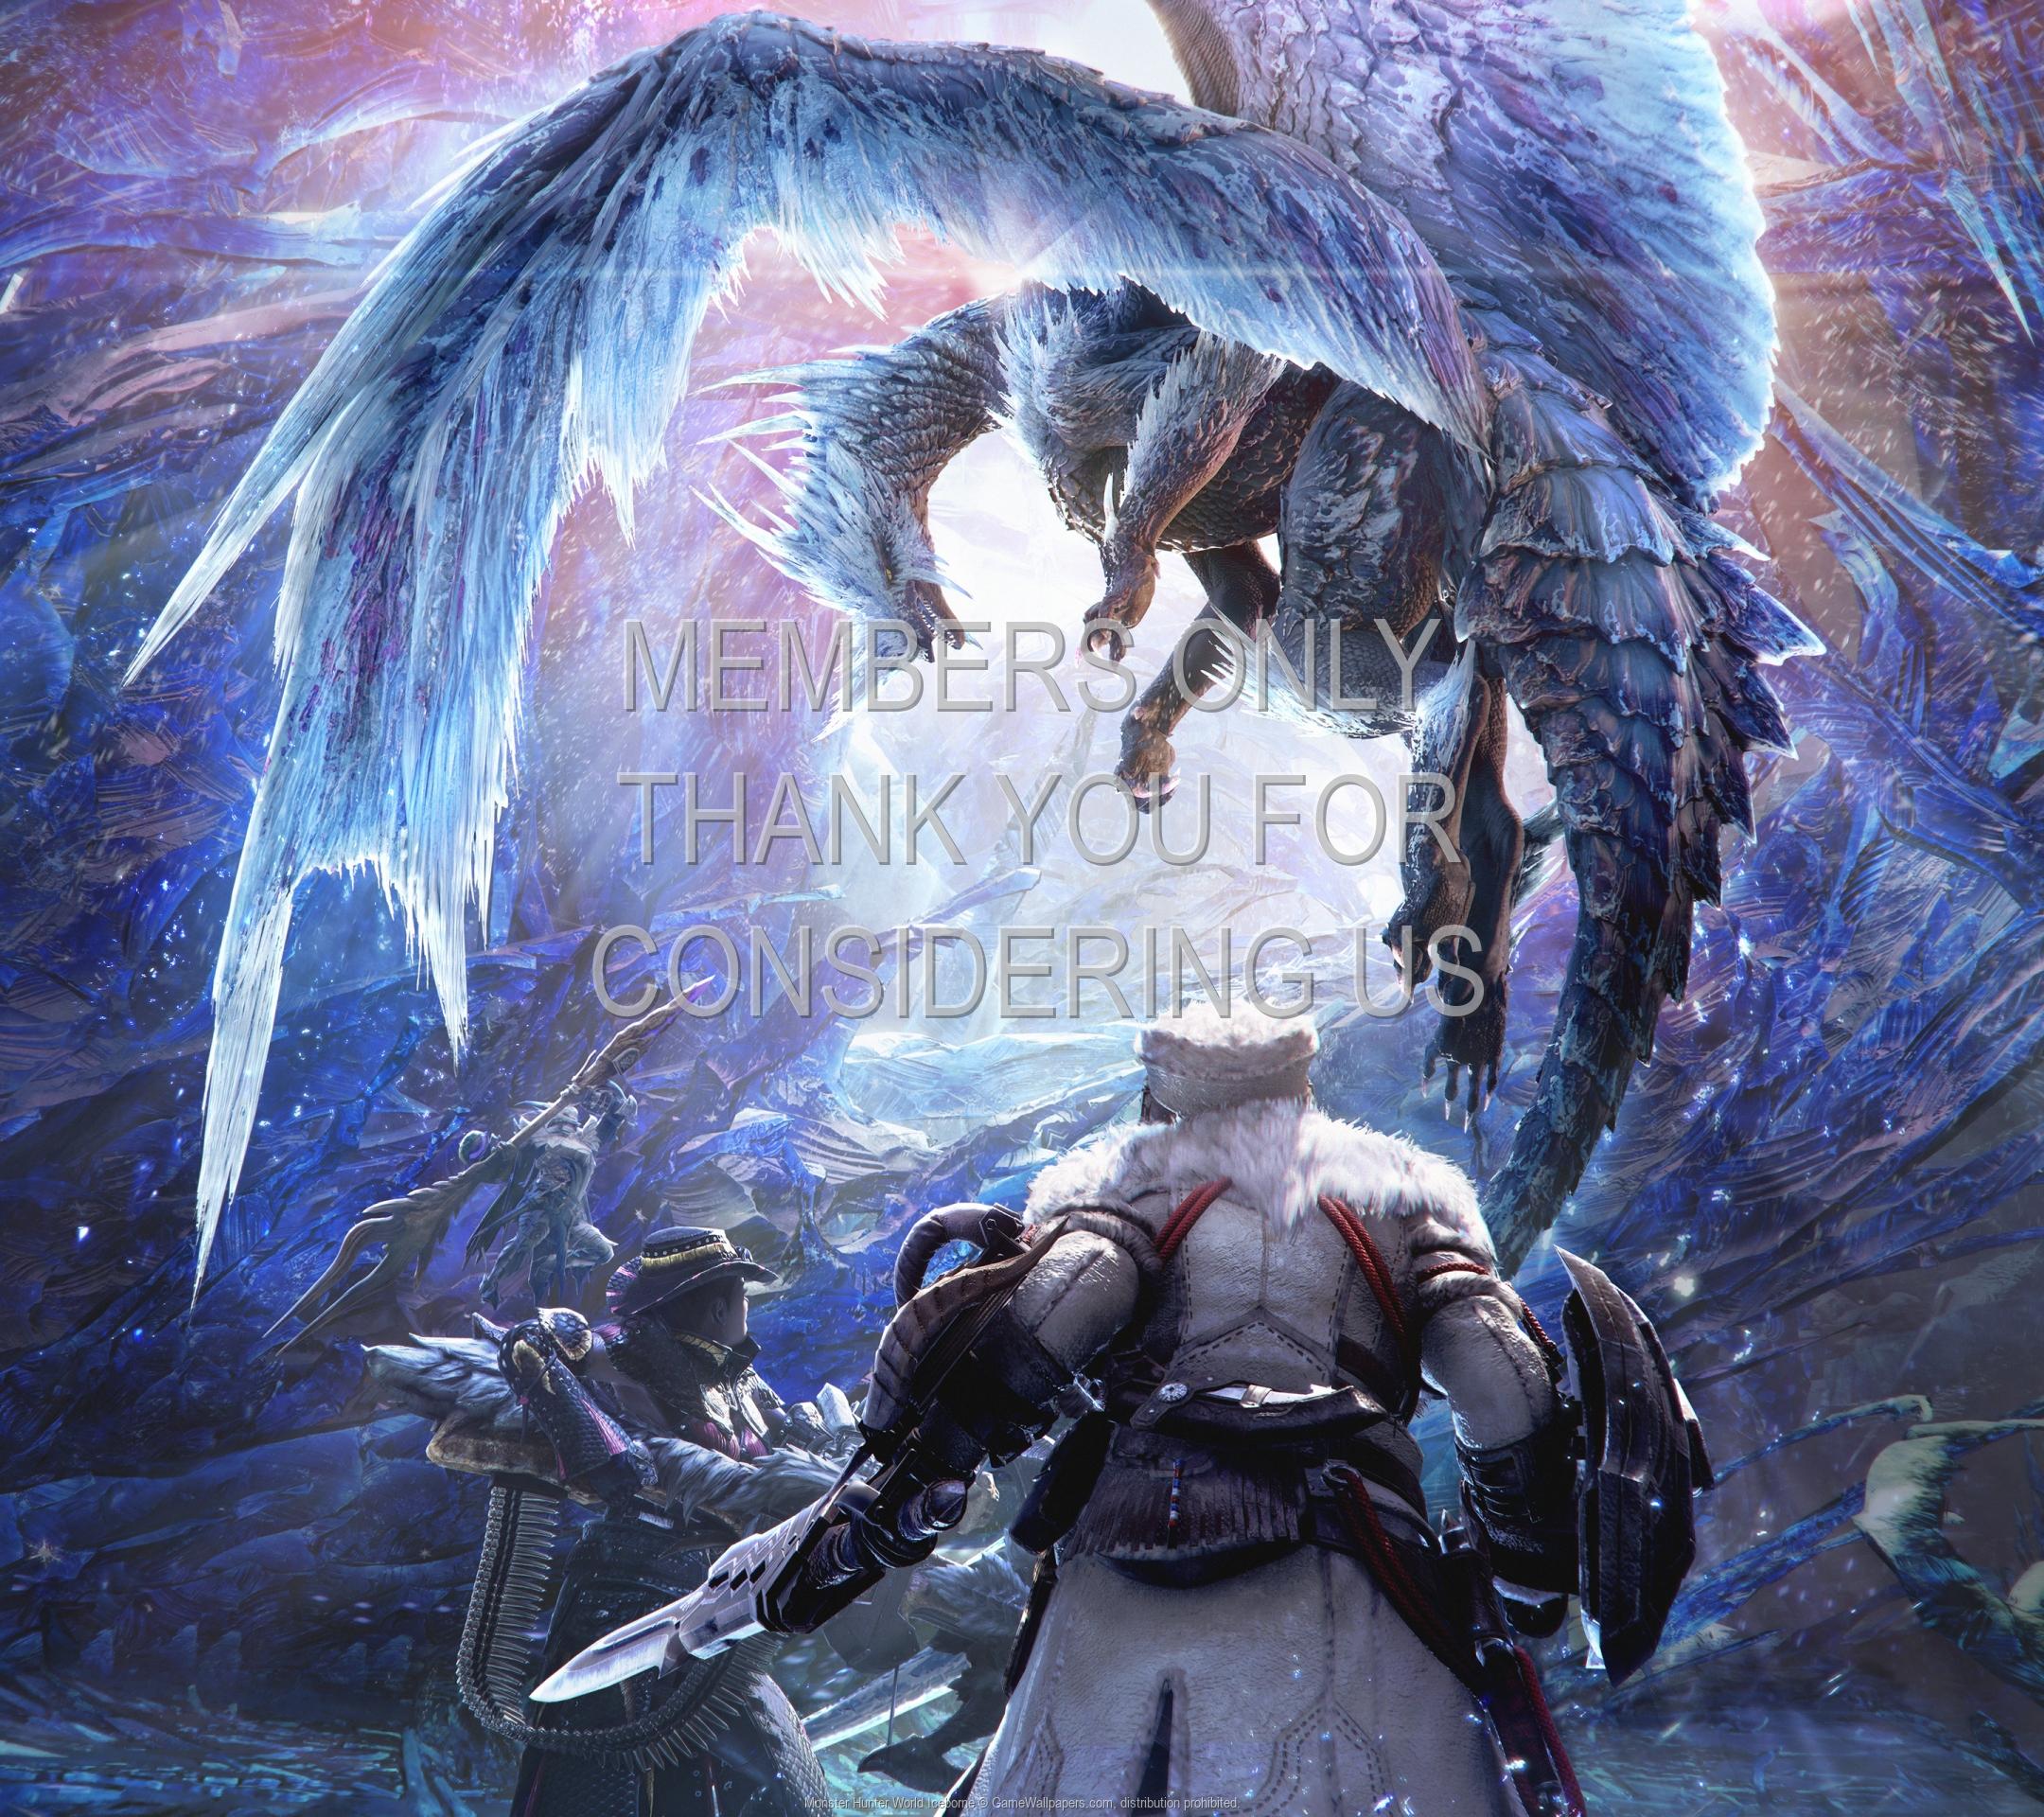 Monster Hunter World: Iceborne 1920x1080 Mobile wallpaper or background 01